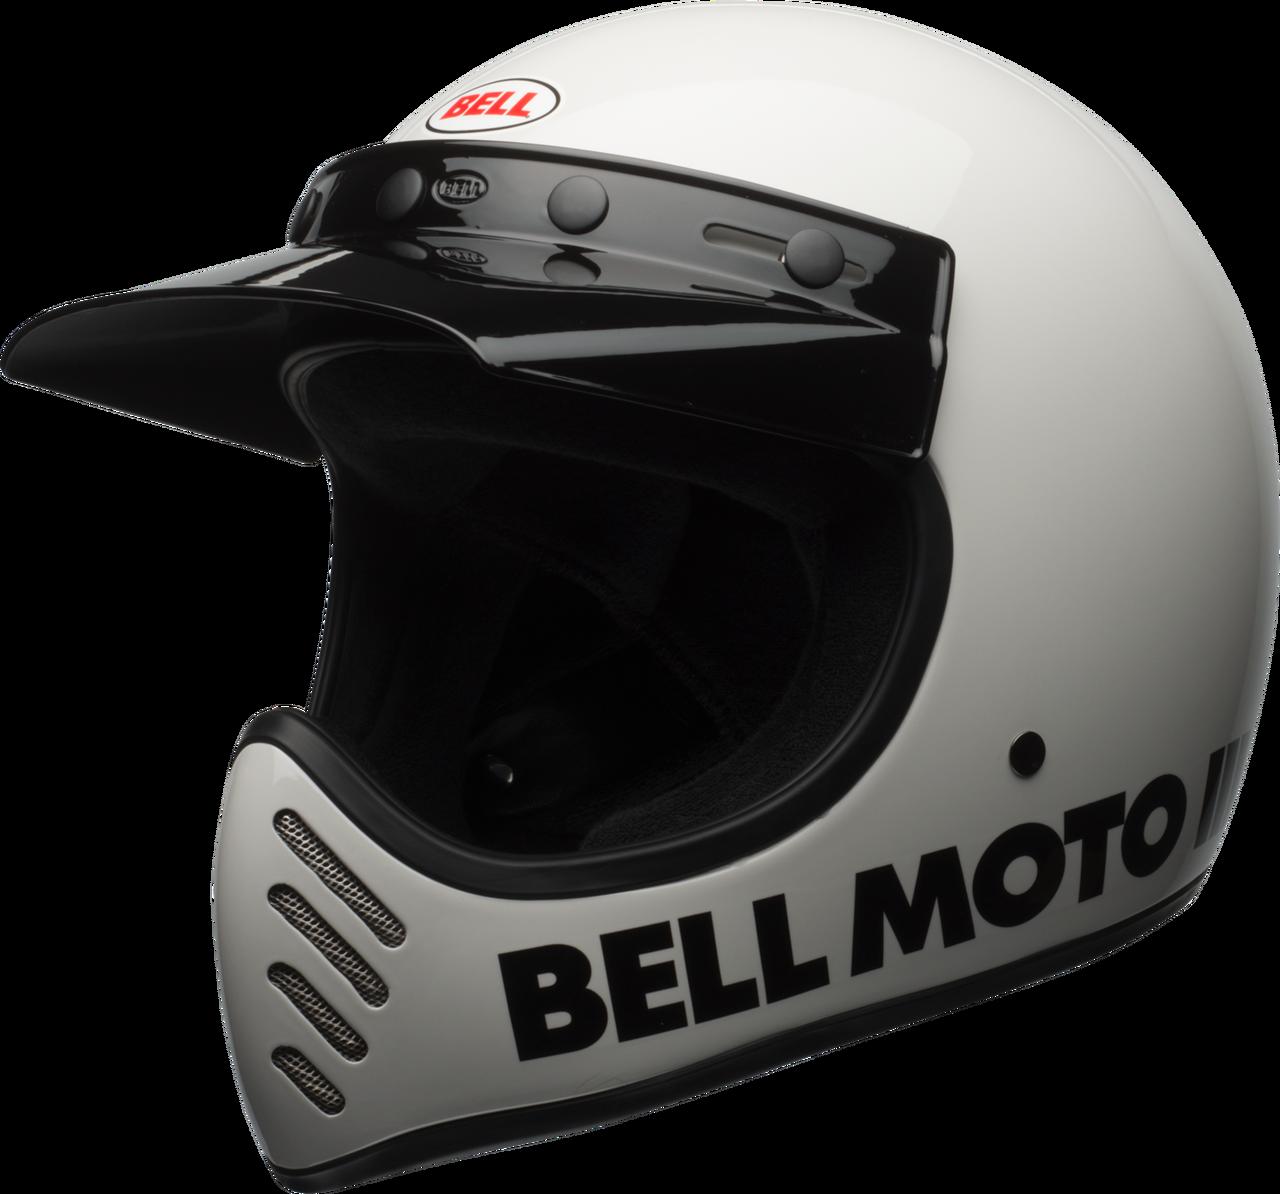 BELL MOTO-3 GLOSS WHITE CLASSIC